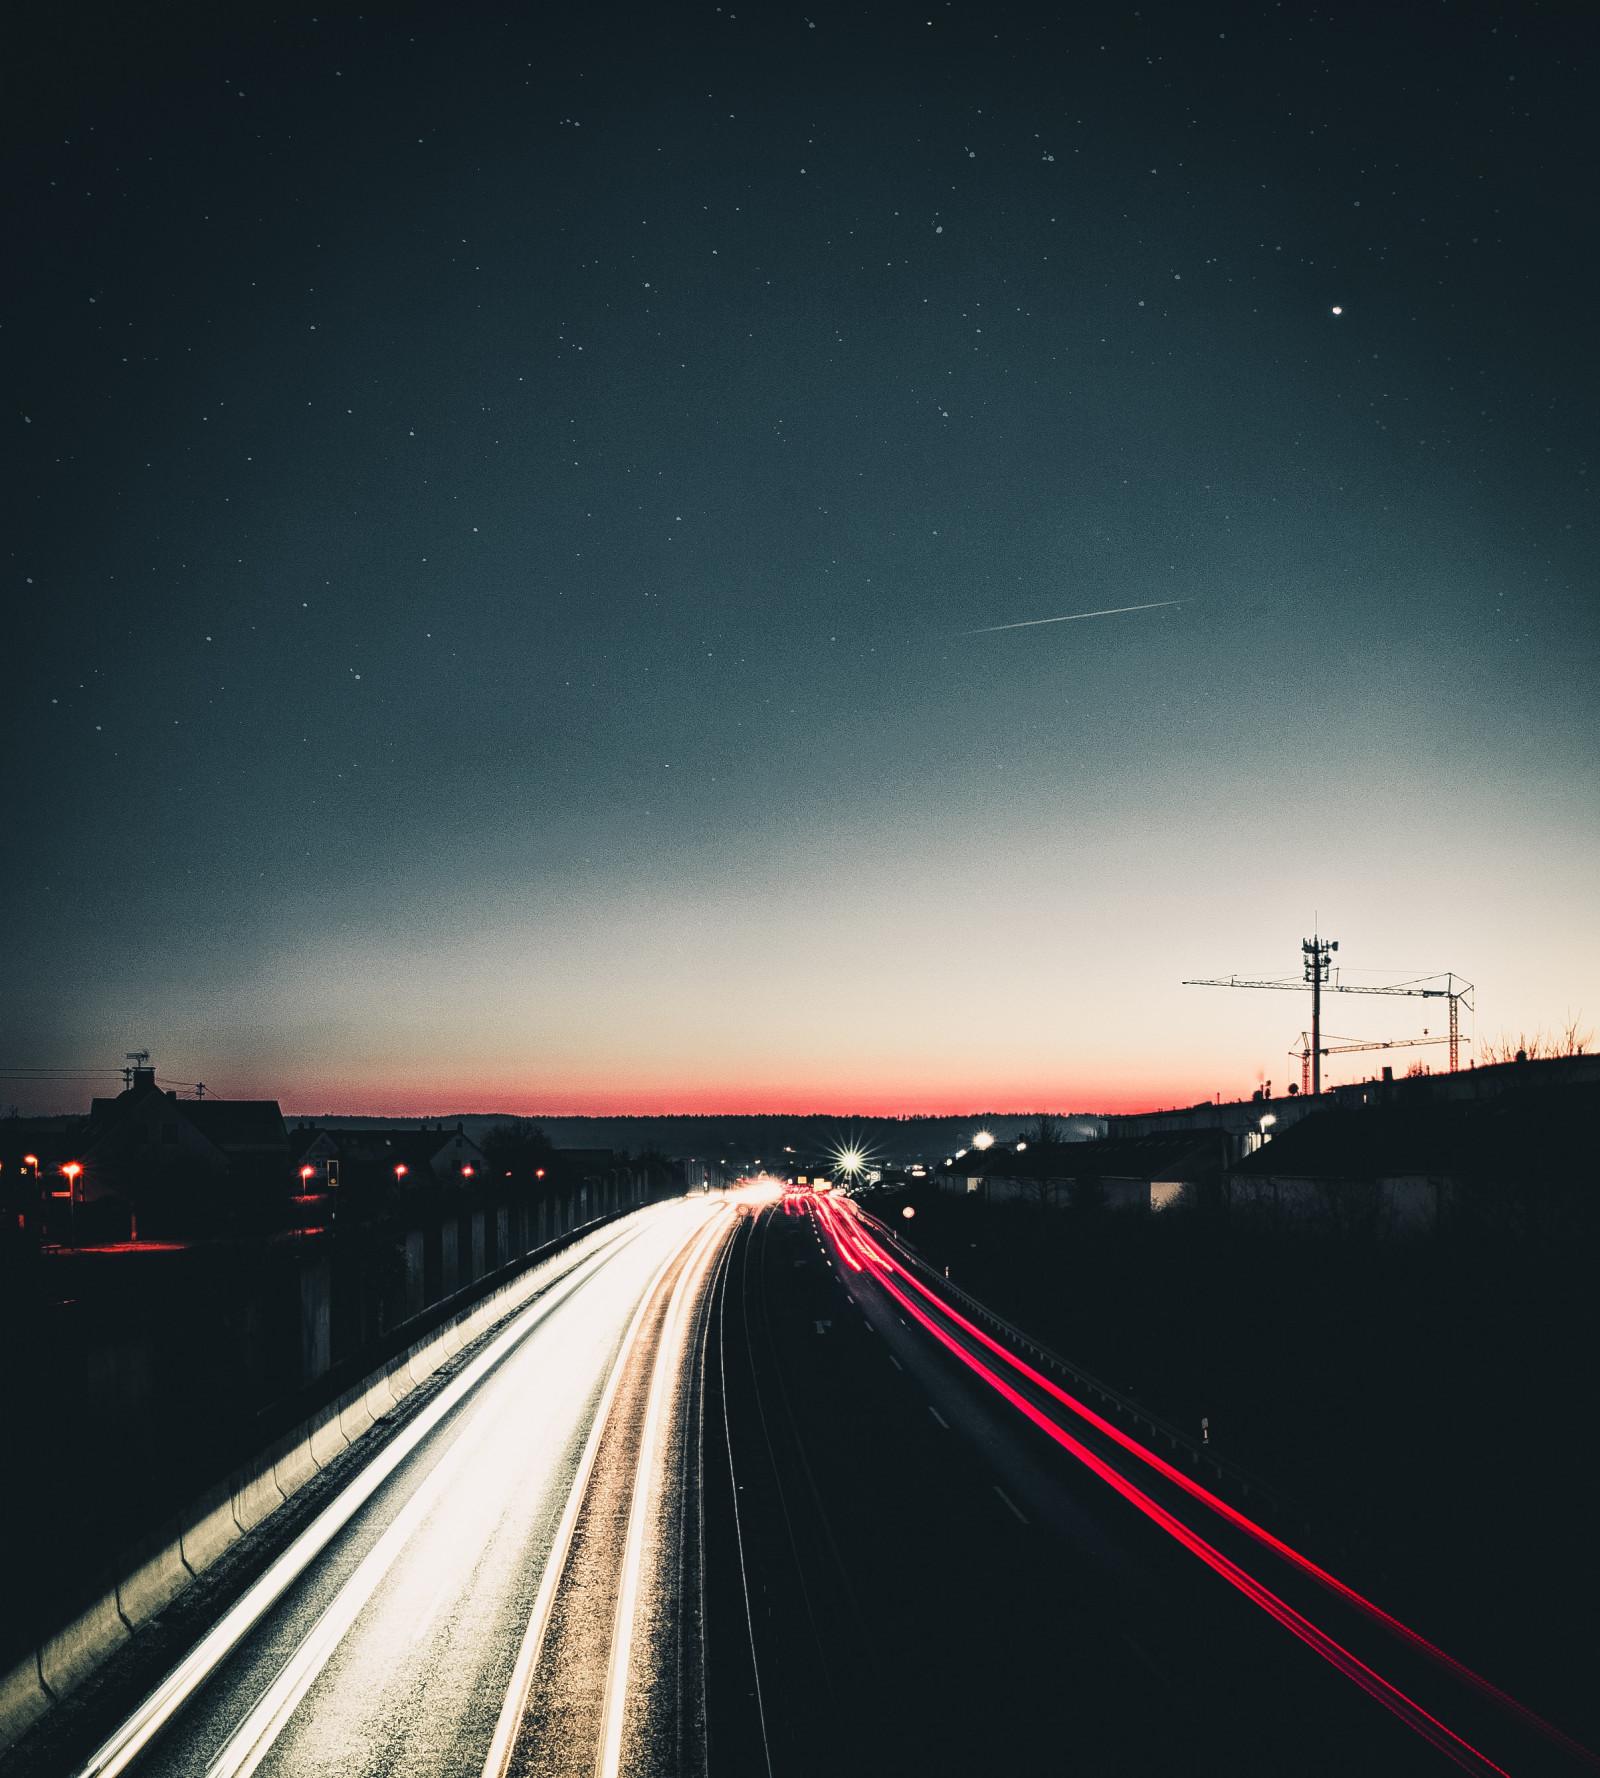 местном ночь дорога машина картинки тамани это